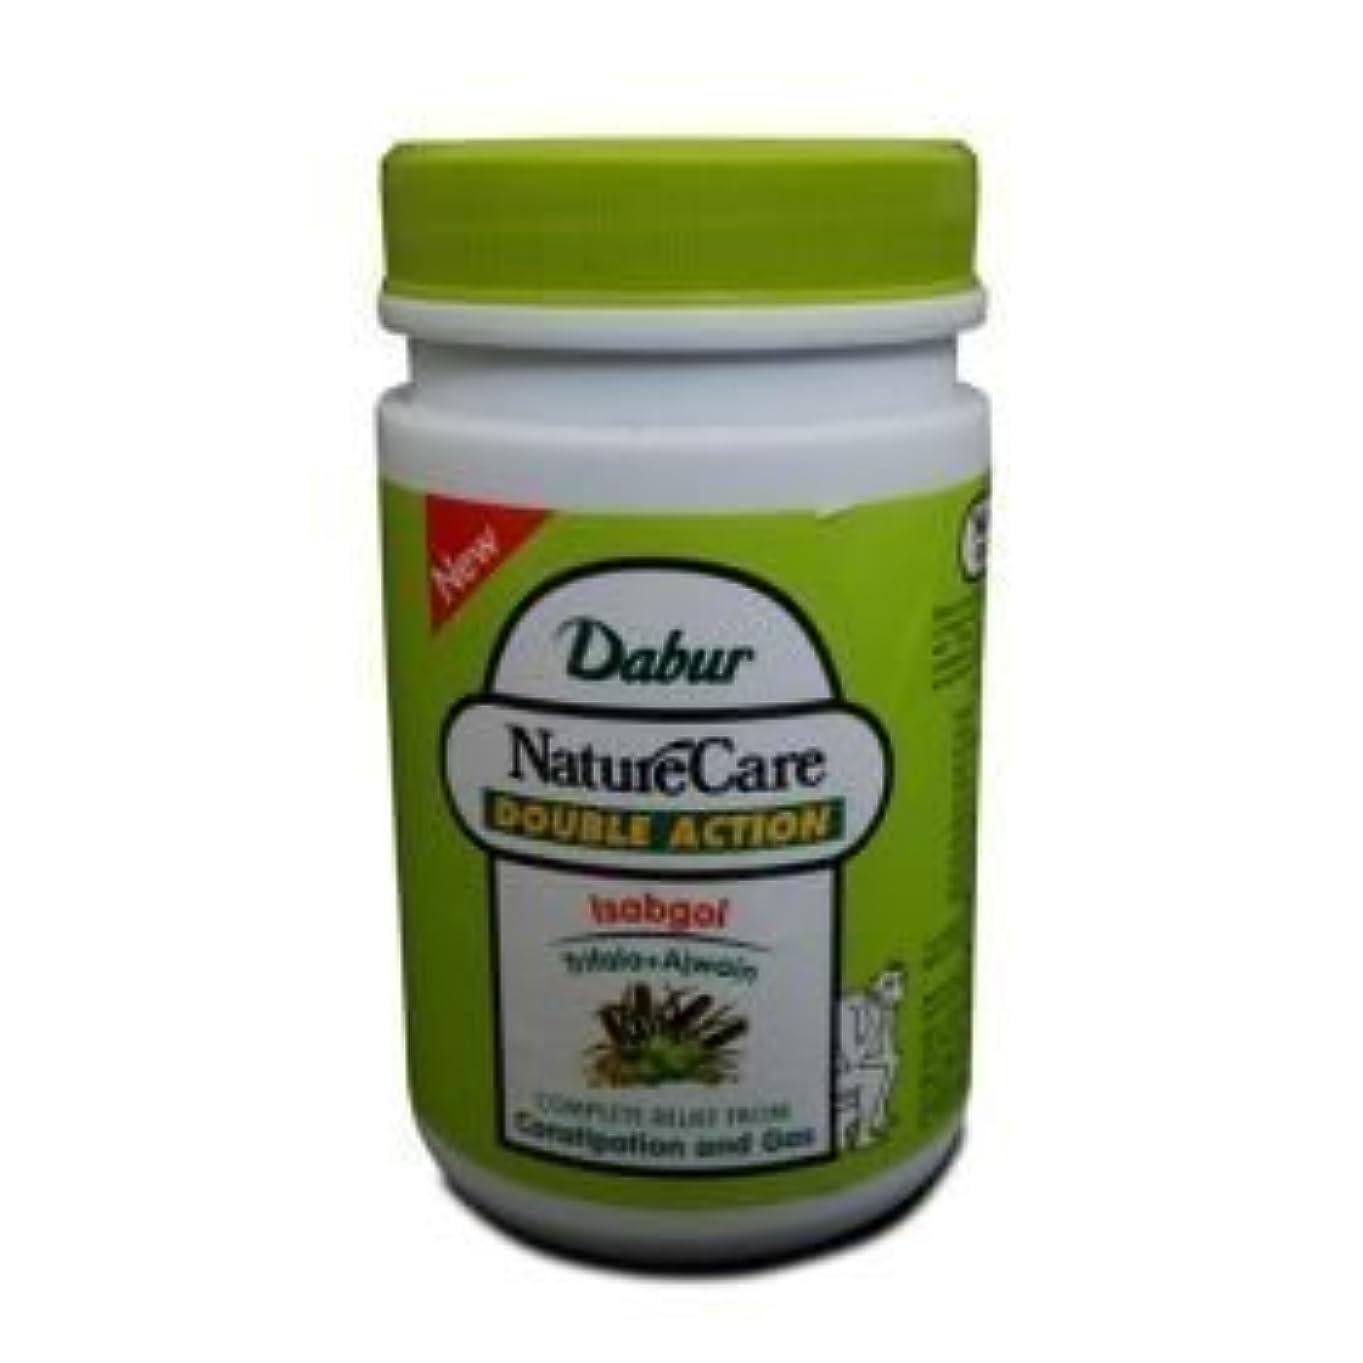 研磨剤免疫解明Dabur Naturecare Double Action Isabgol Husk Effective Relief From Gas,constipation 100 Grams by Dabur [並行輸入品]